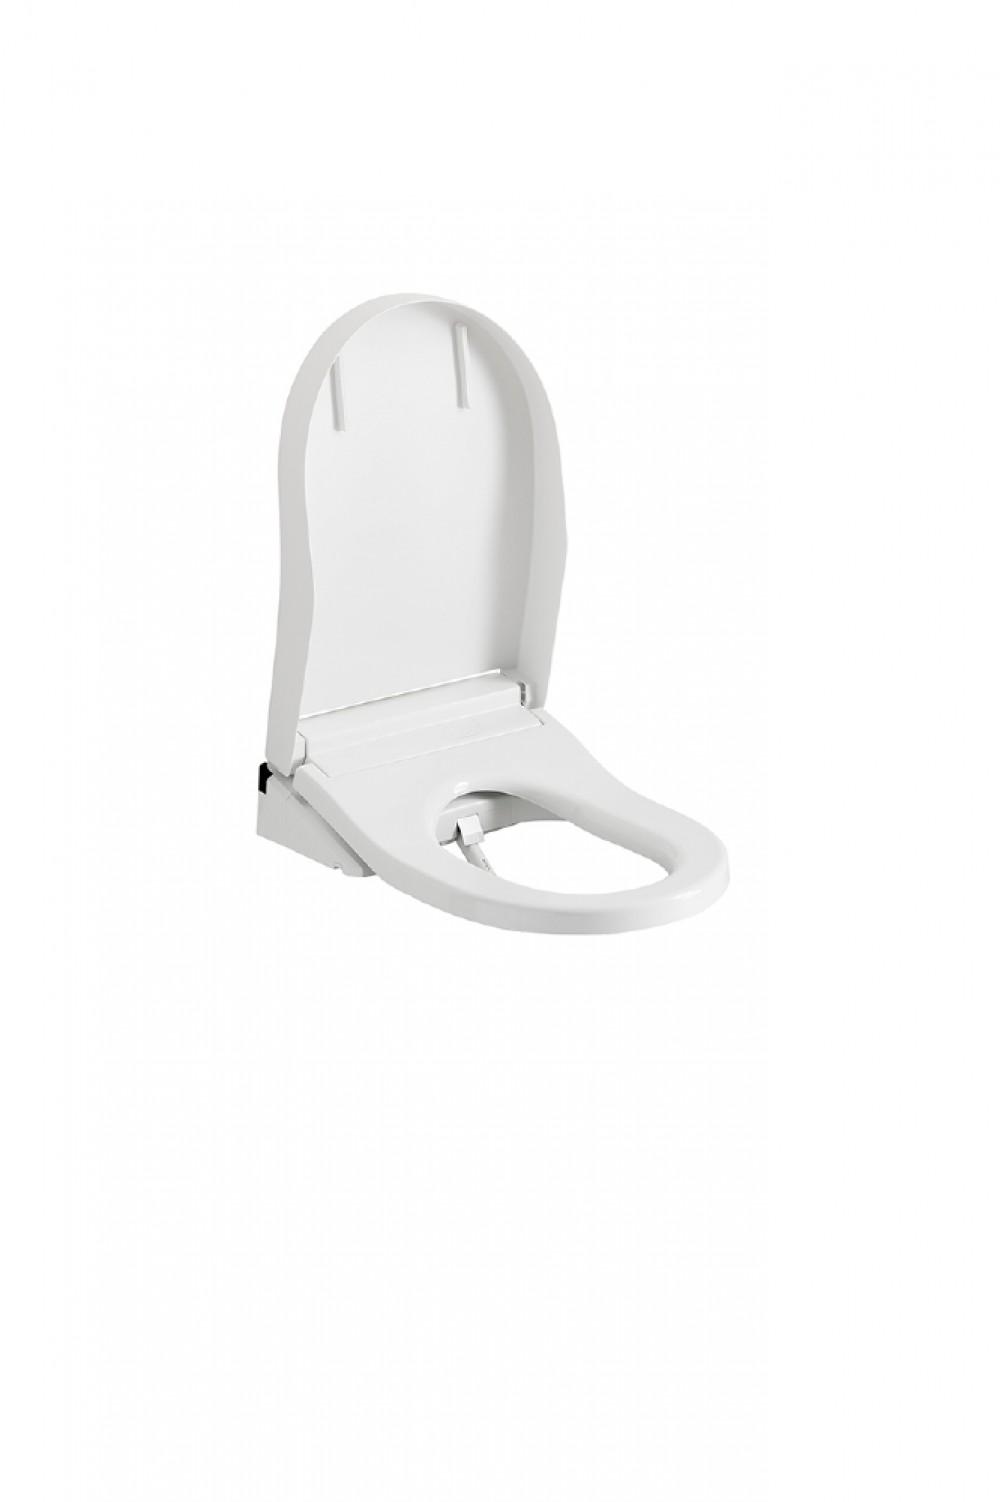 dusch wc aufsatz toto washlet rg TCF34270GEU